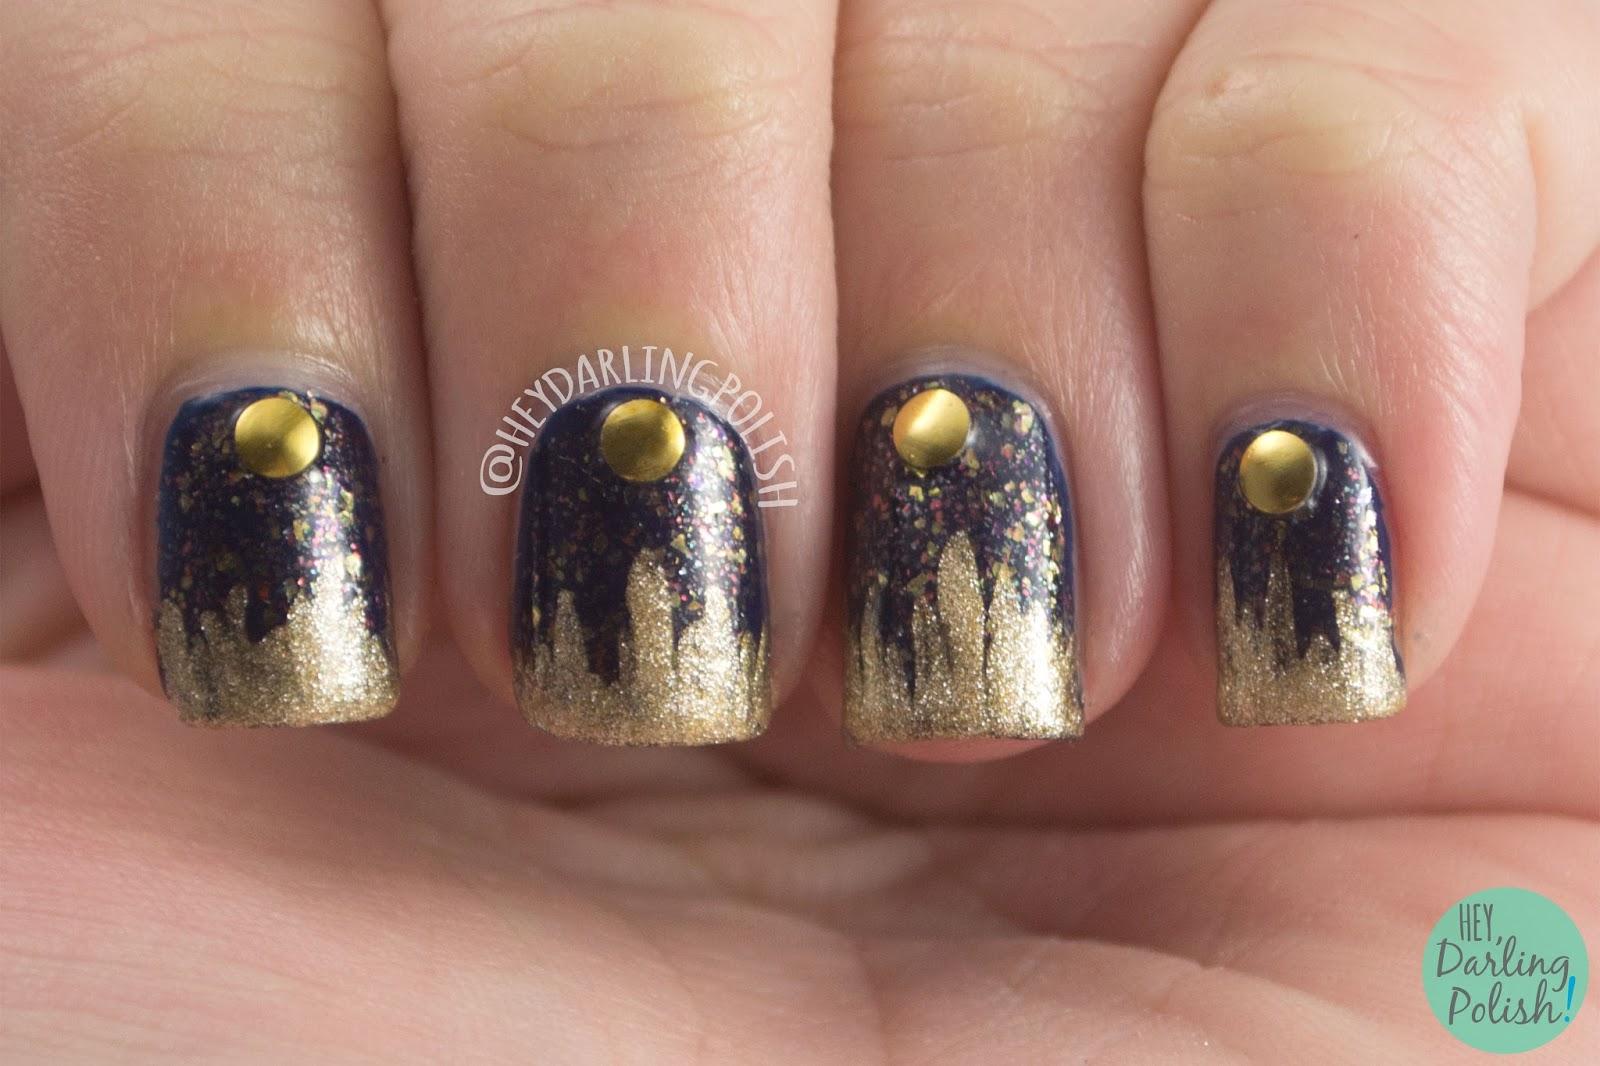 blue, gold, scary, flakies, studs, nails, nail art, nail polish, indie, indie polish, indie nail polish, nvr enuff polish, hey darling polish